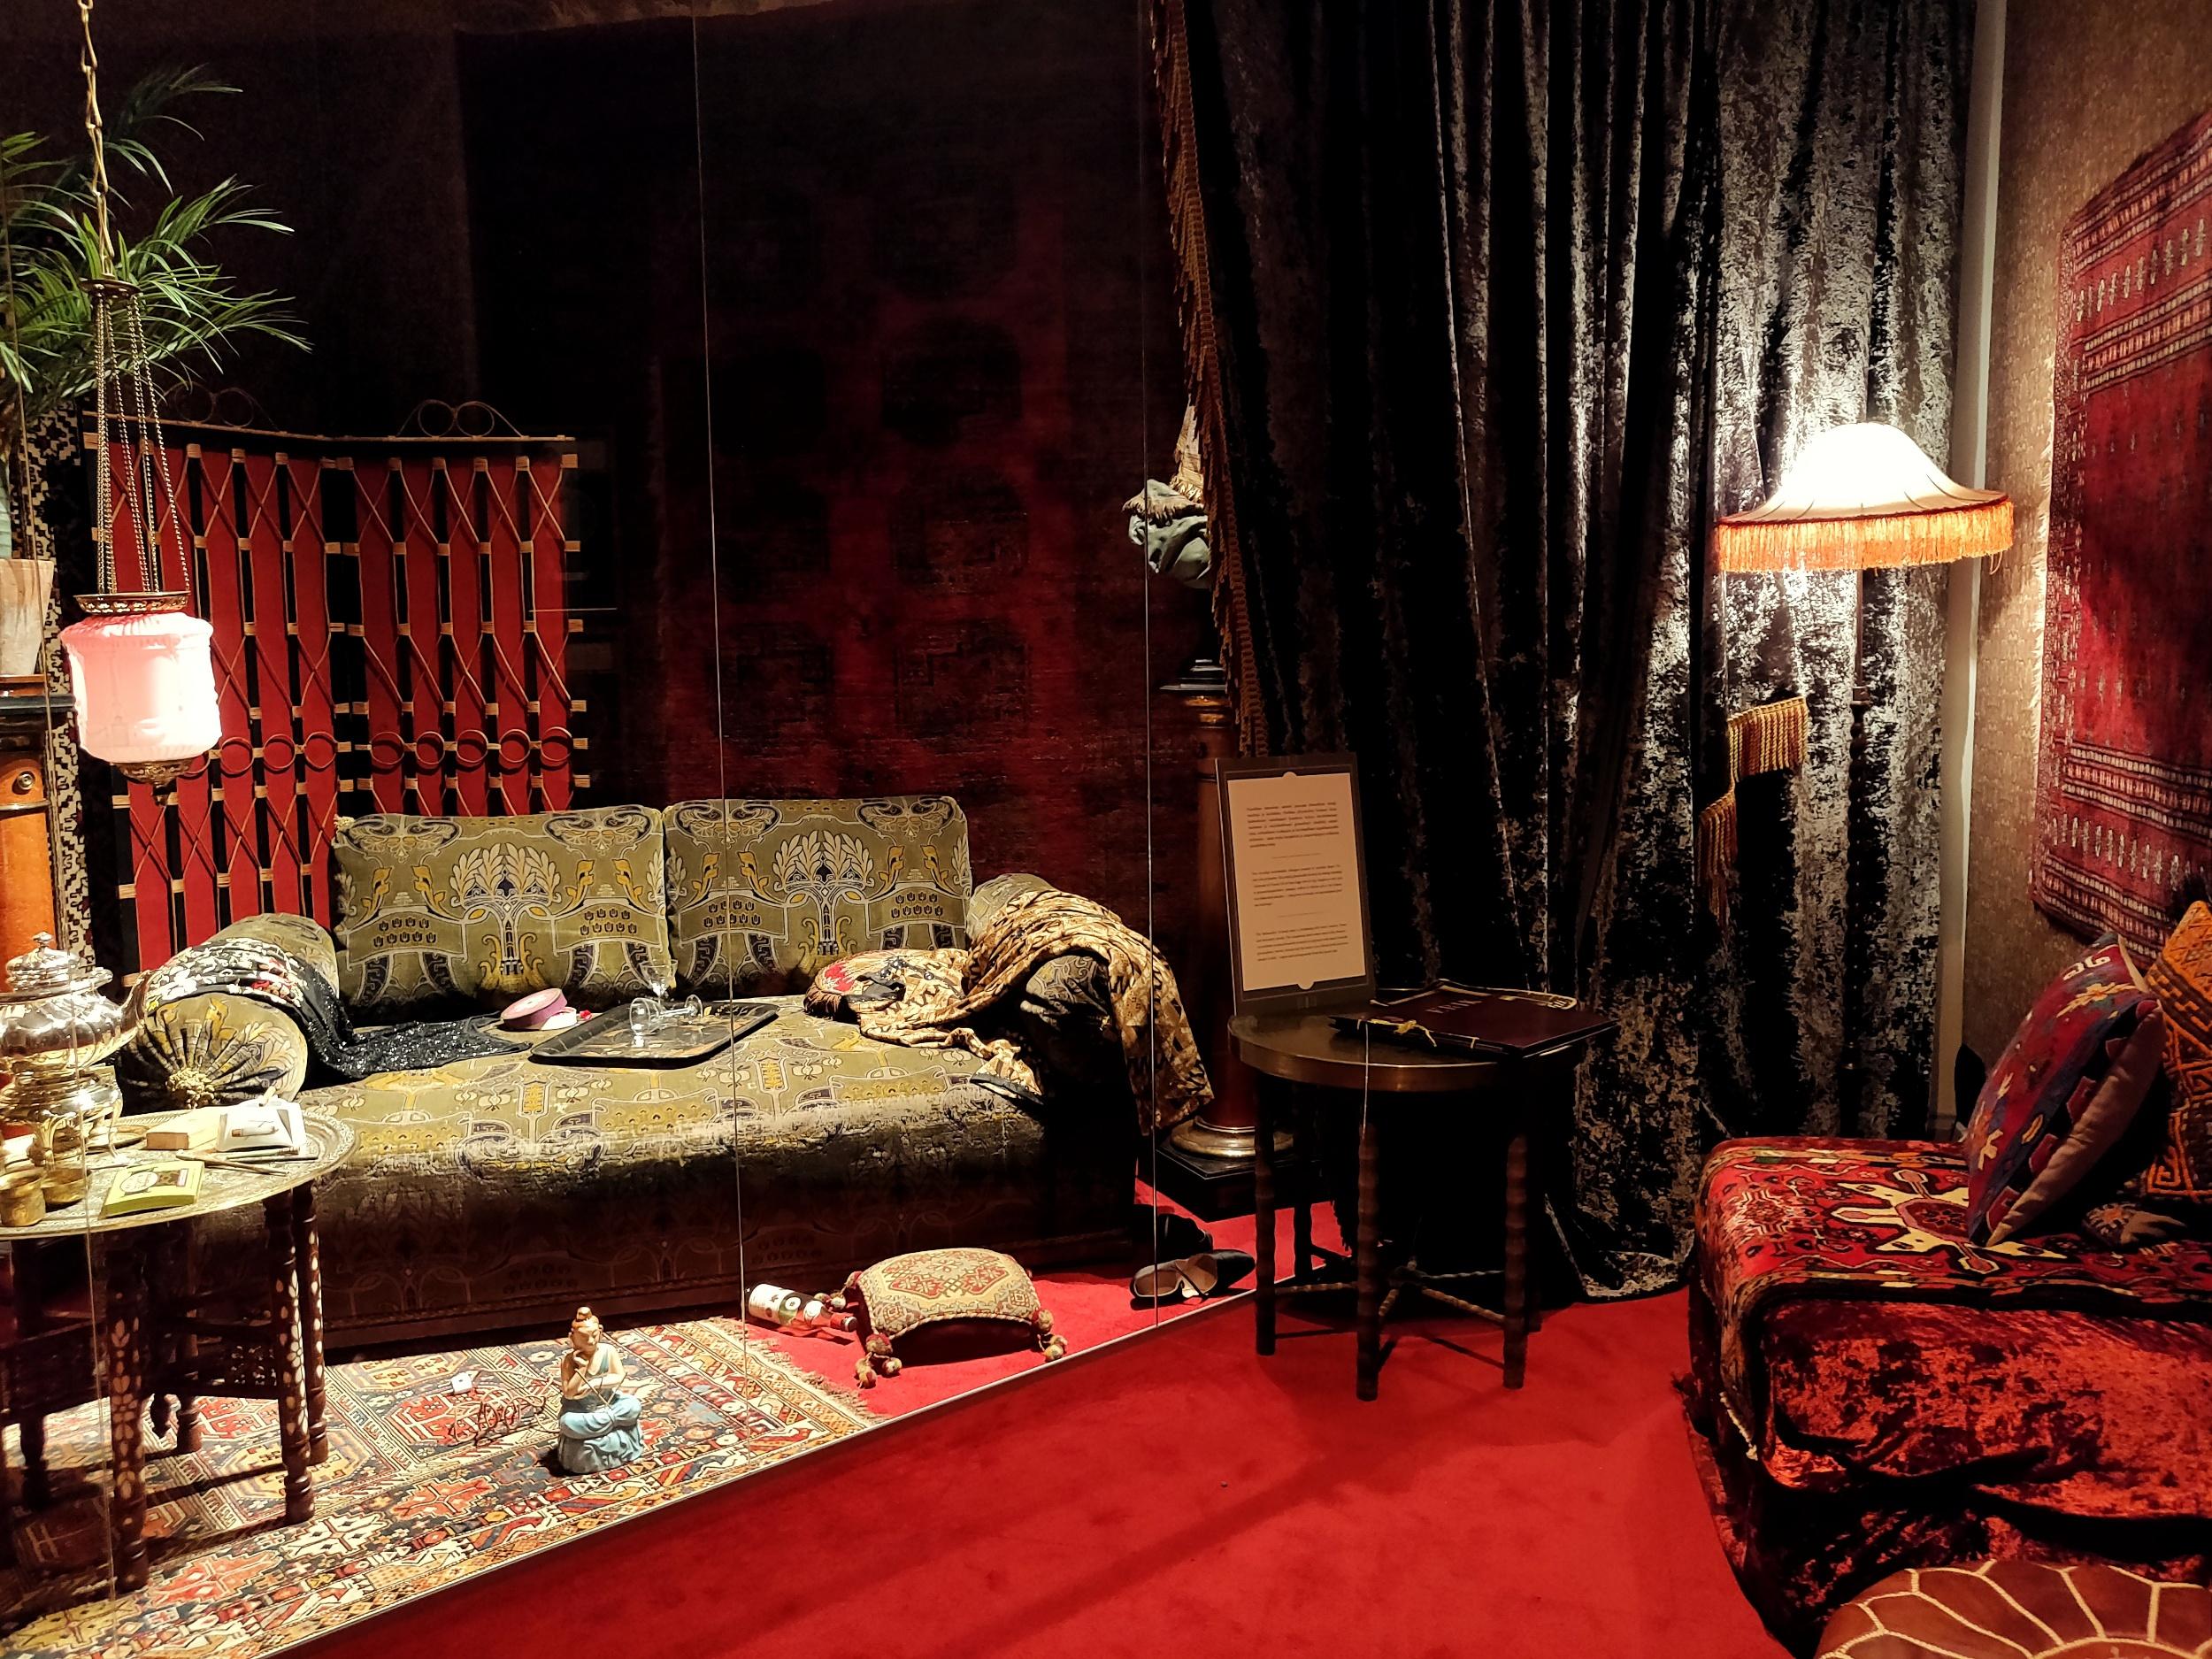 Det orientaliska rummet på utställningen Sorglös stad.